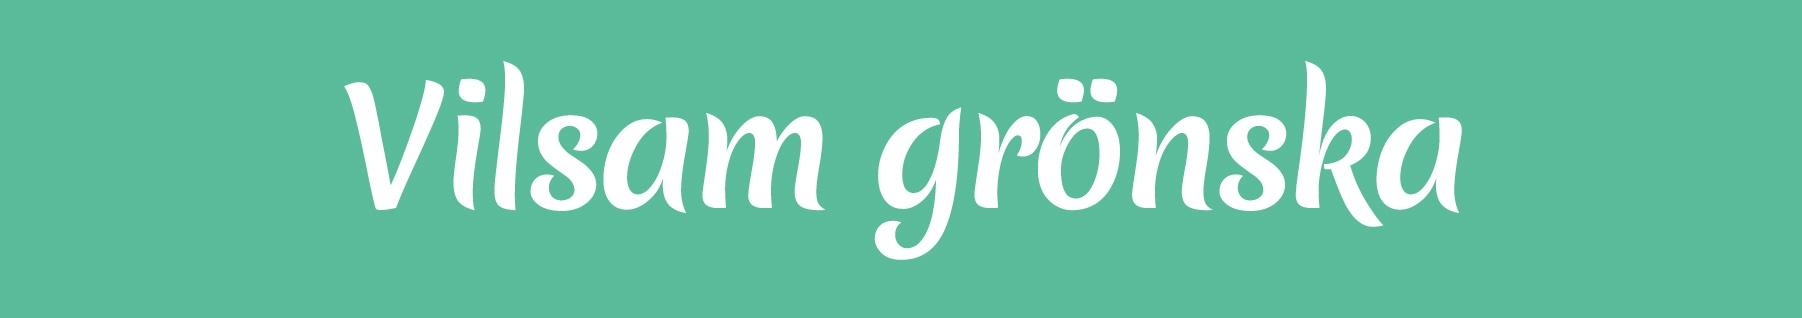 Vilsam grönska logo